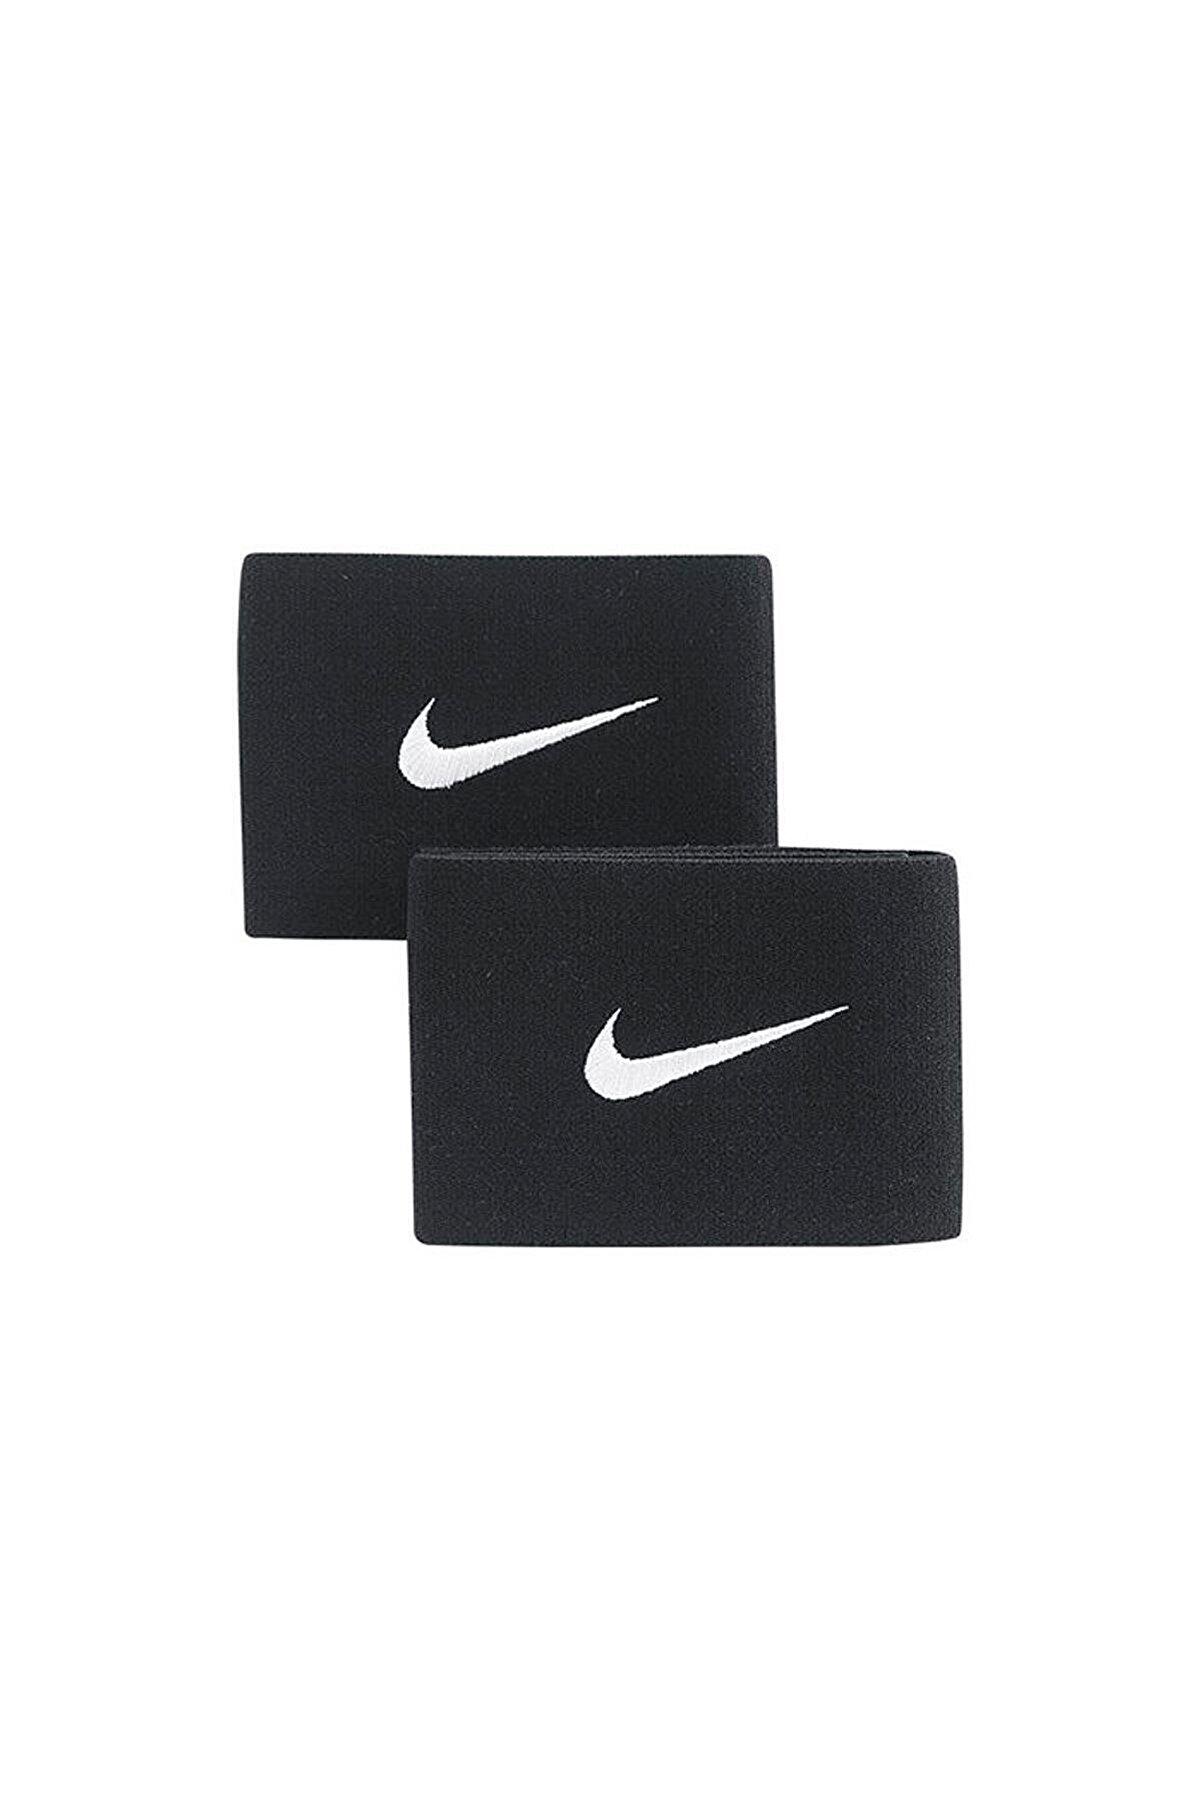 Nike Guard Stay Tekmelik Bandı-bilekliği (Se0047-001)